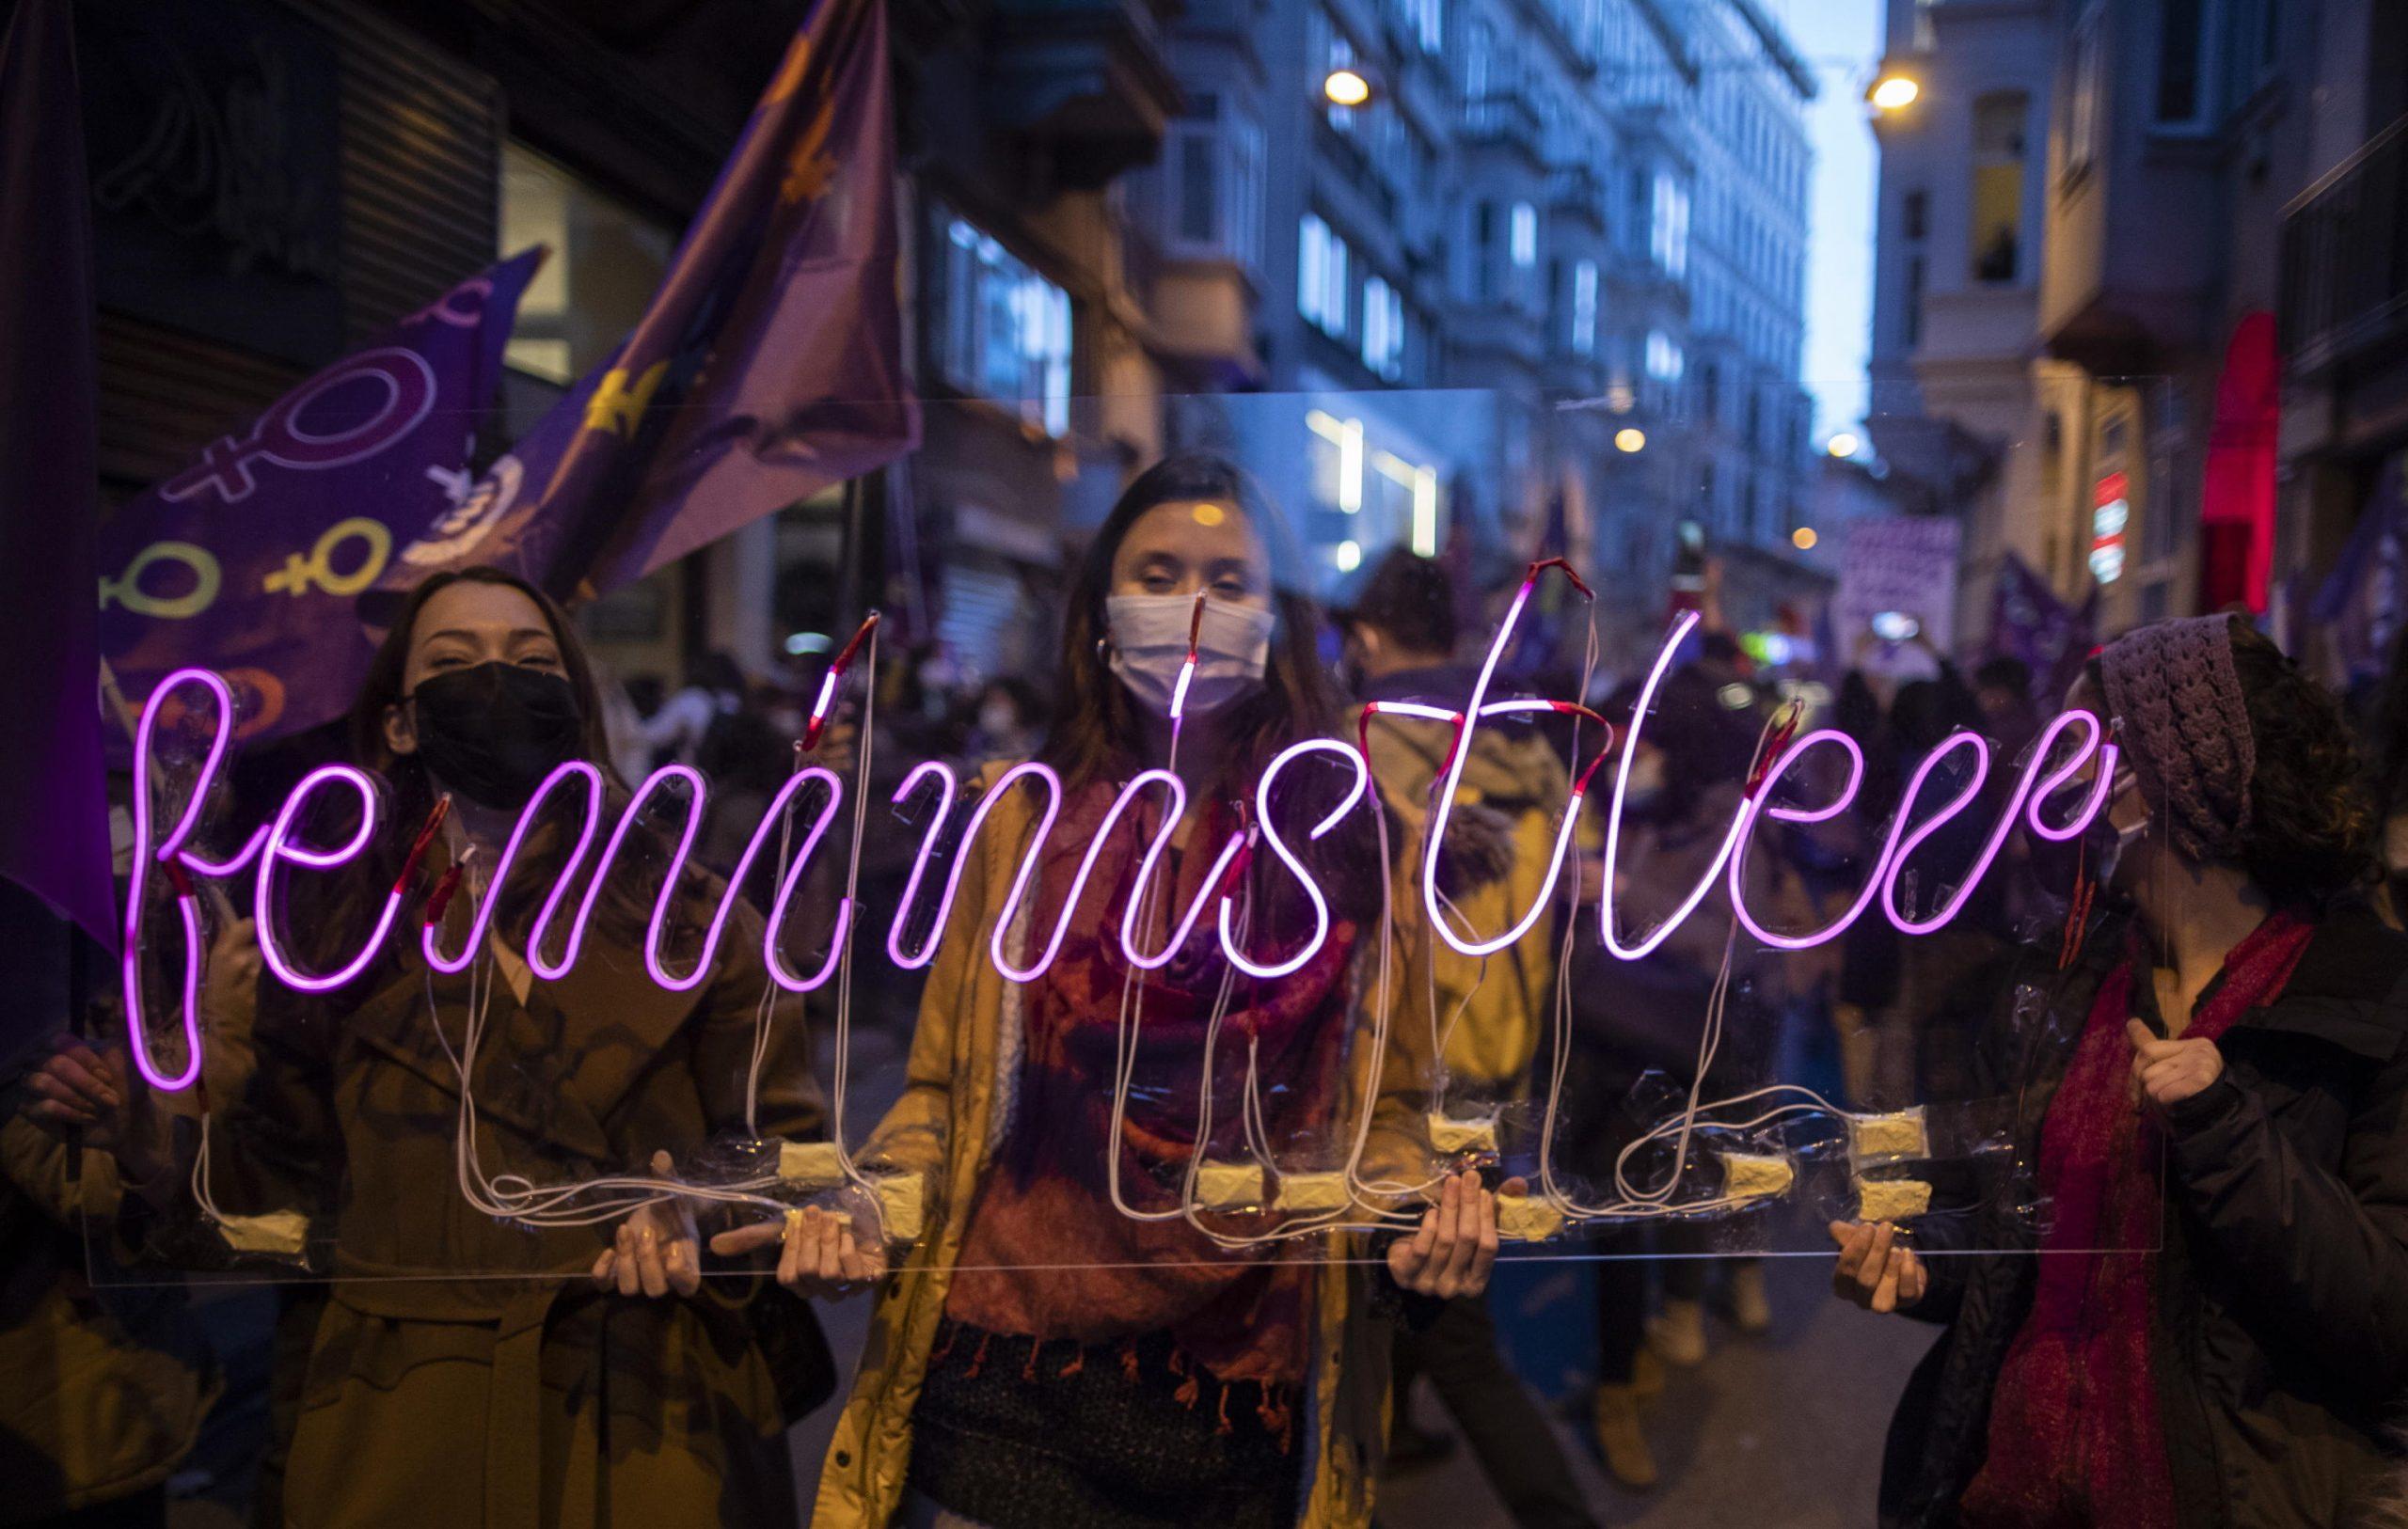 Donne turche in protesta dietro led luminoso